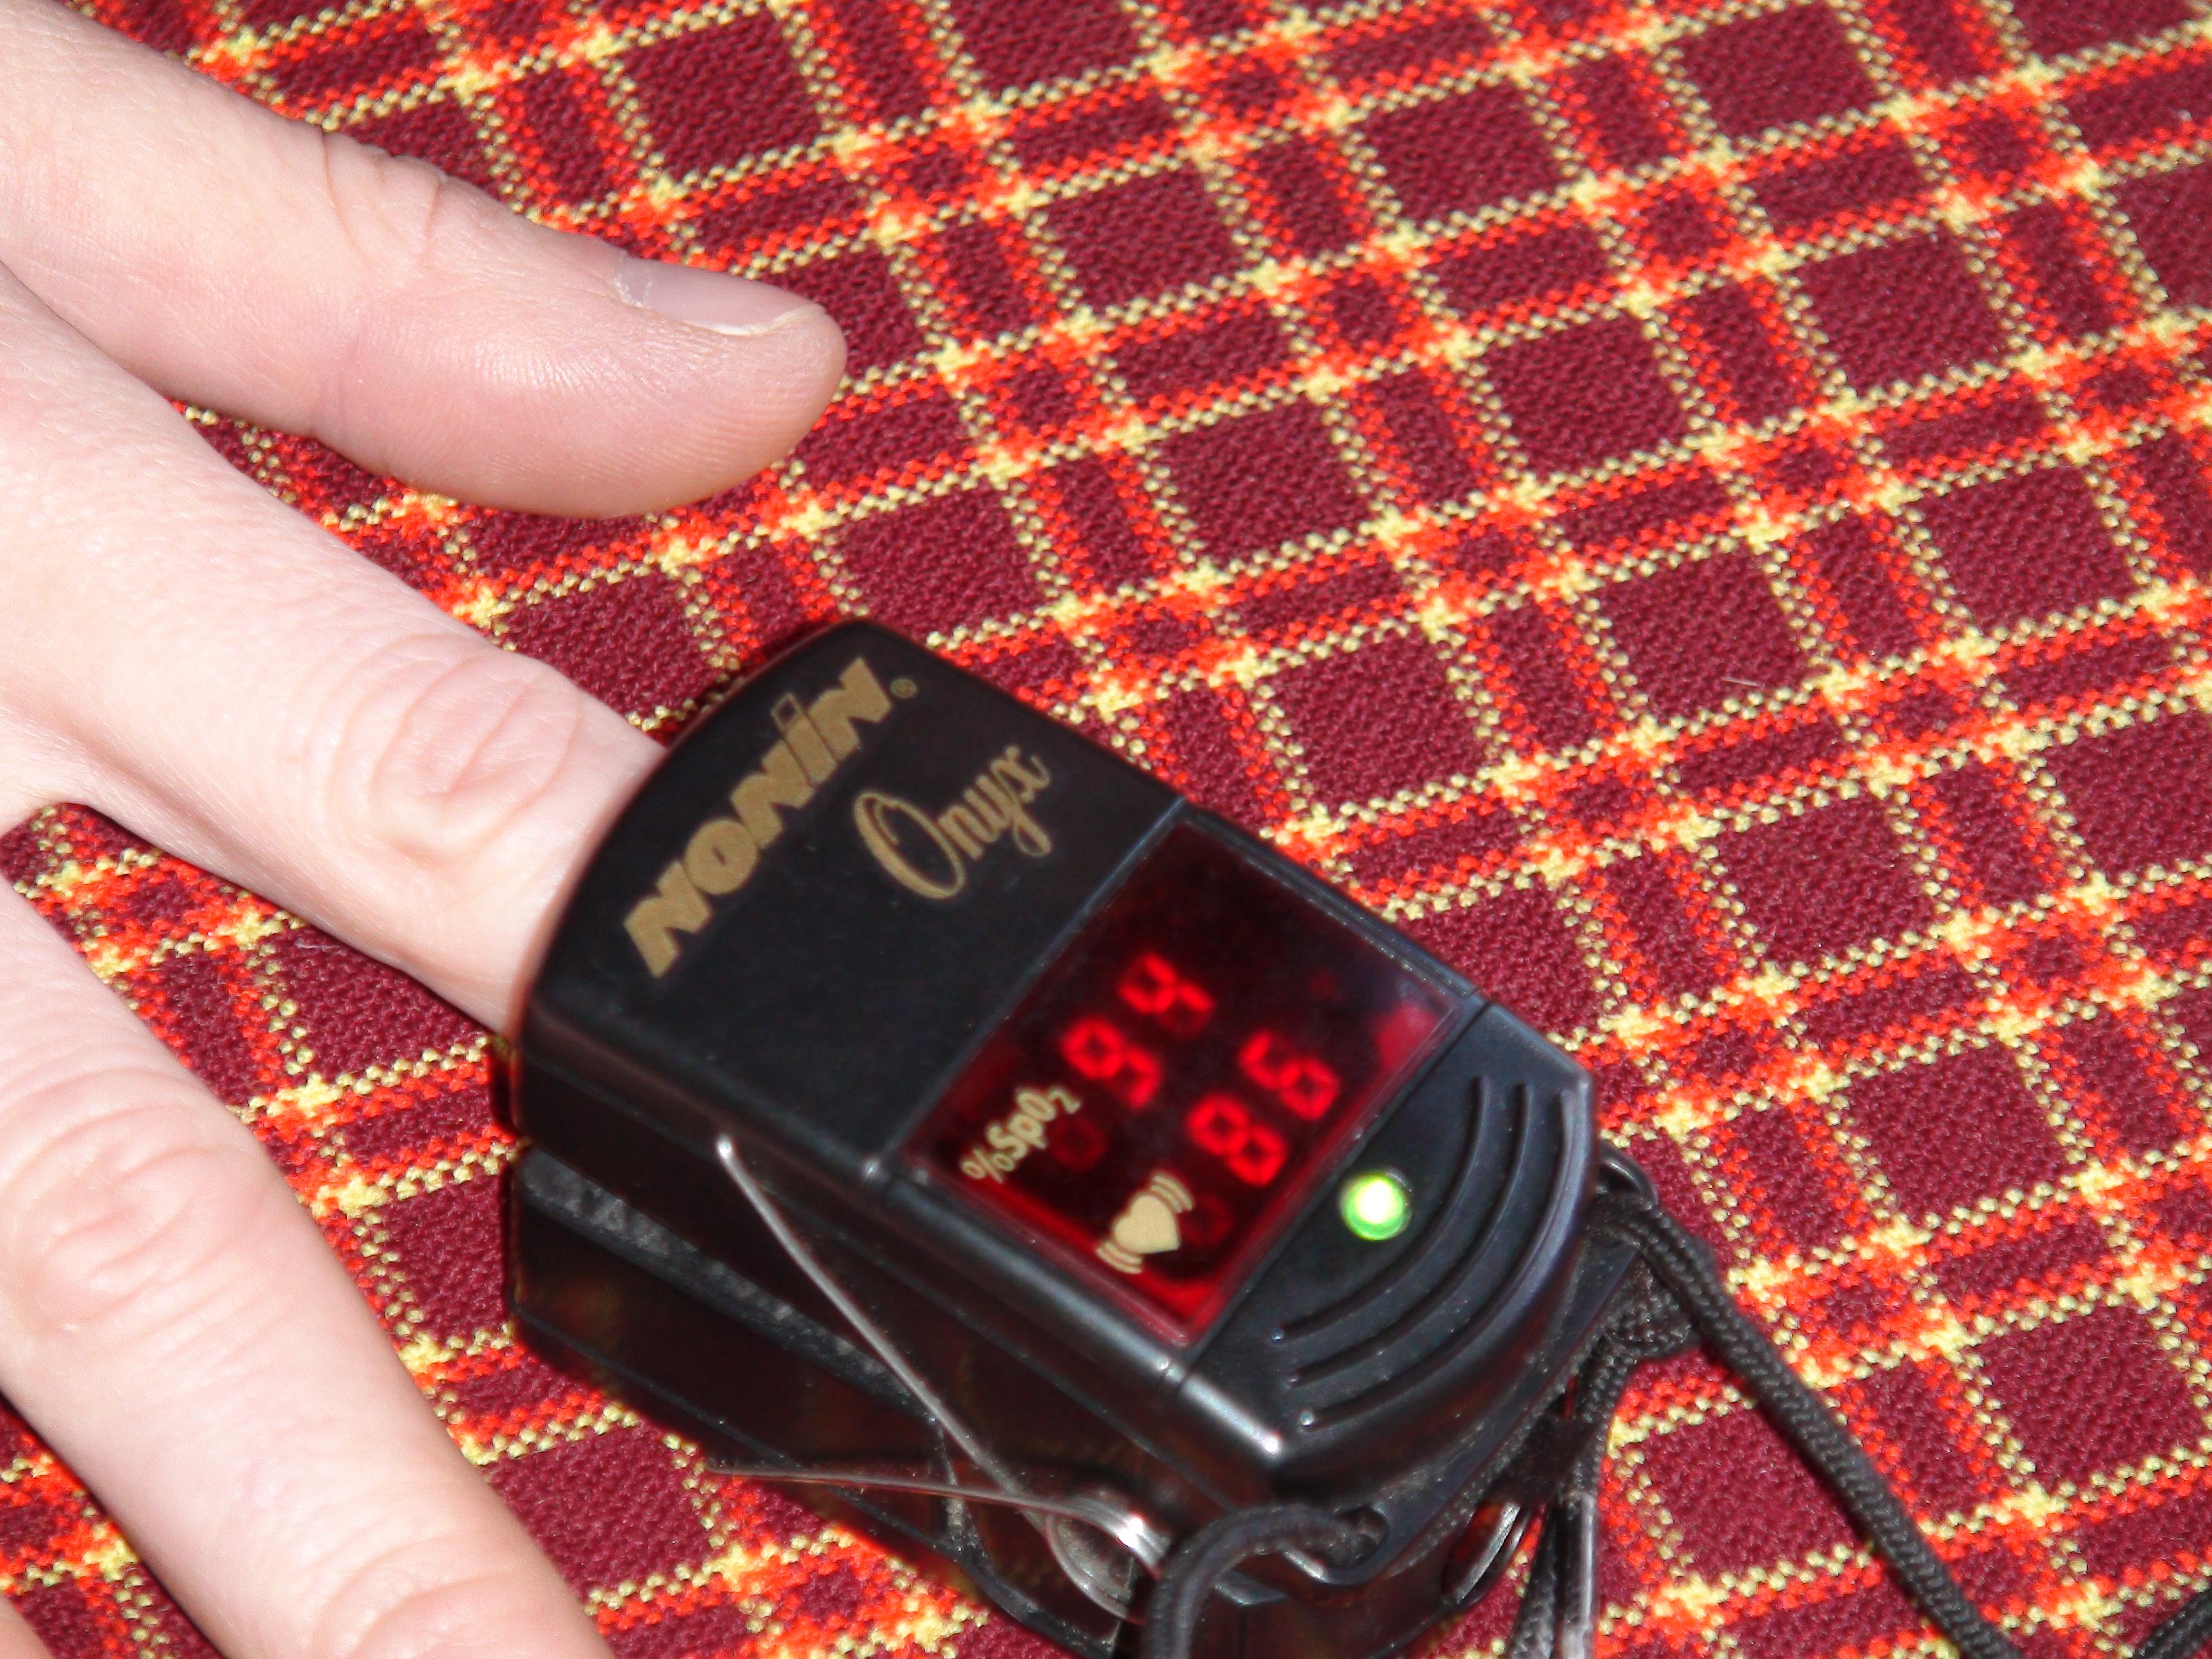 Peter's gadget